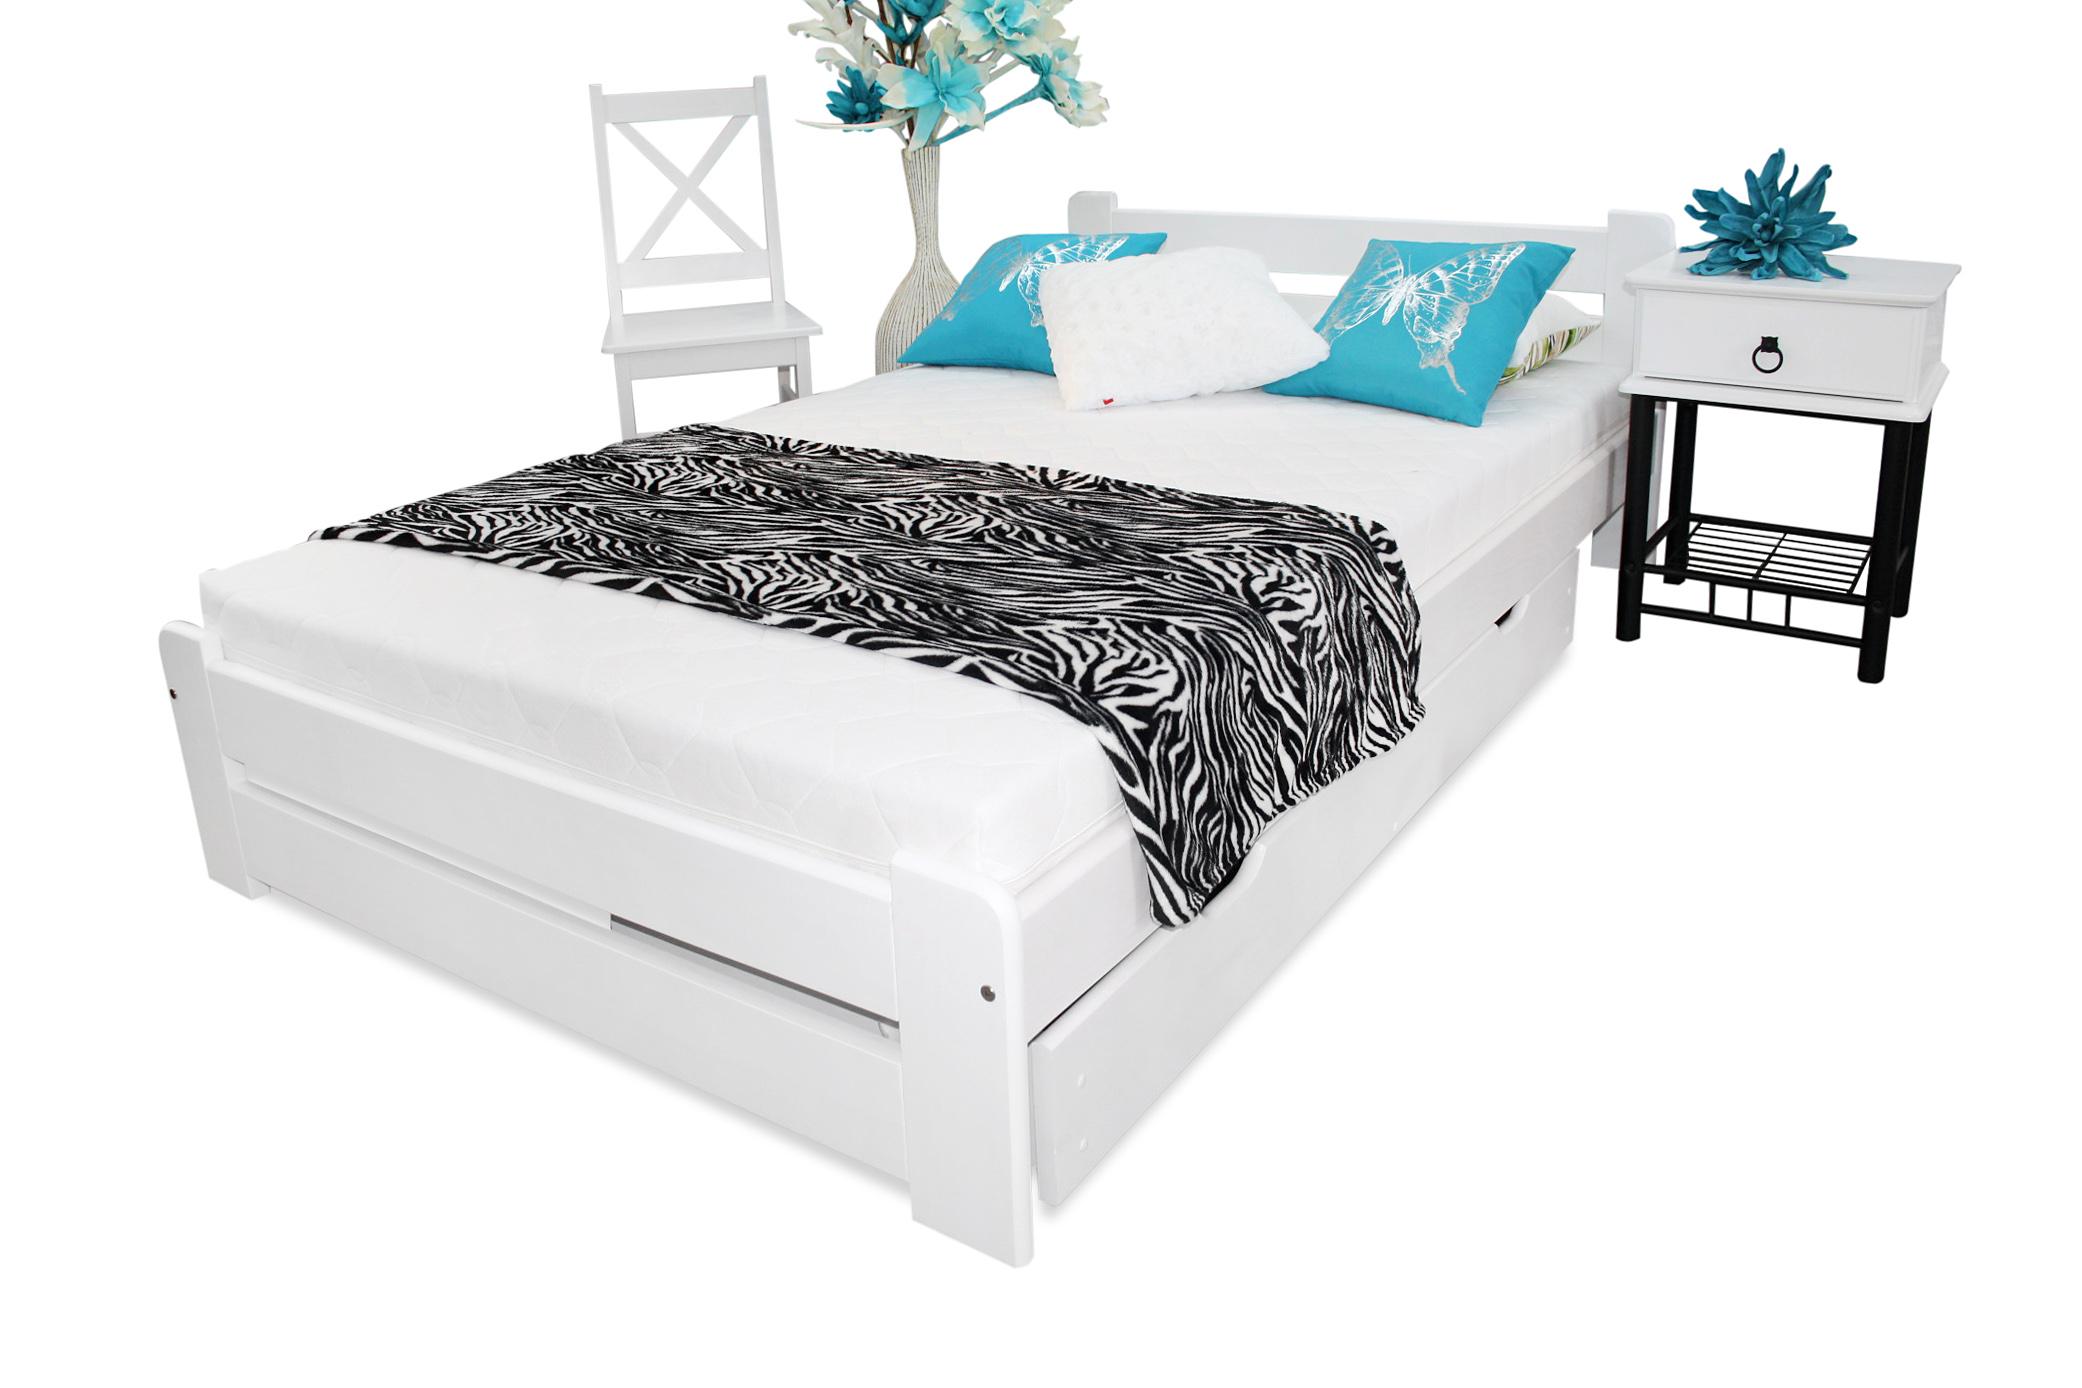 łóżko Eureka 140x200 Materac Sprężynowy Sypialnia